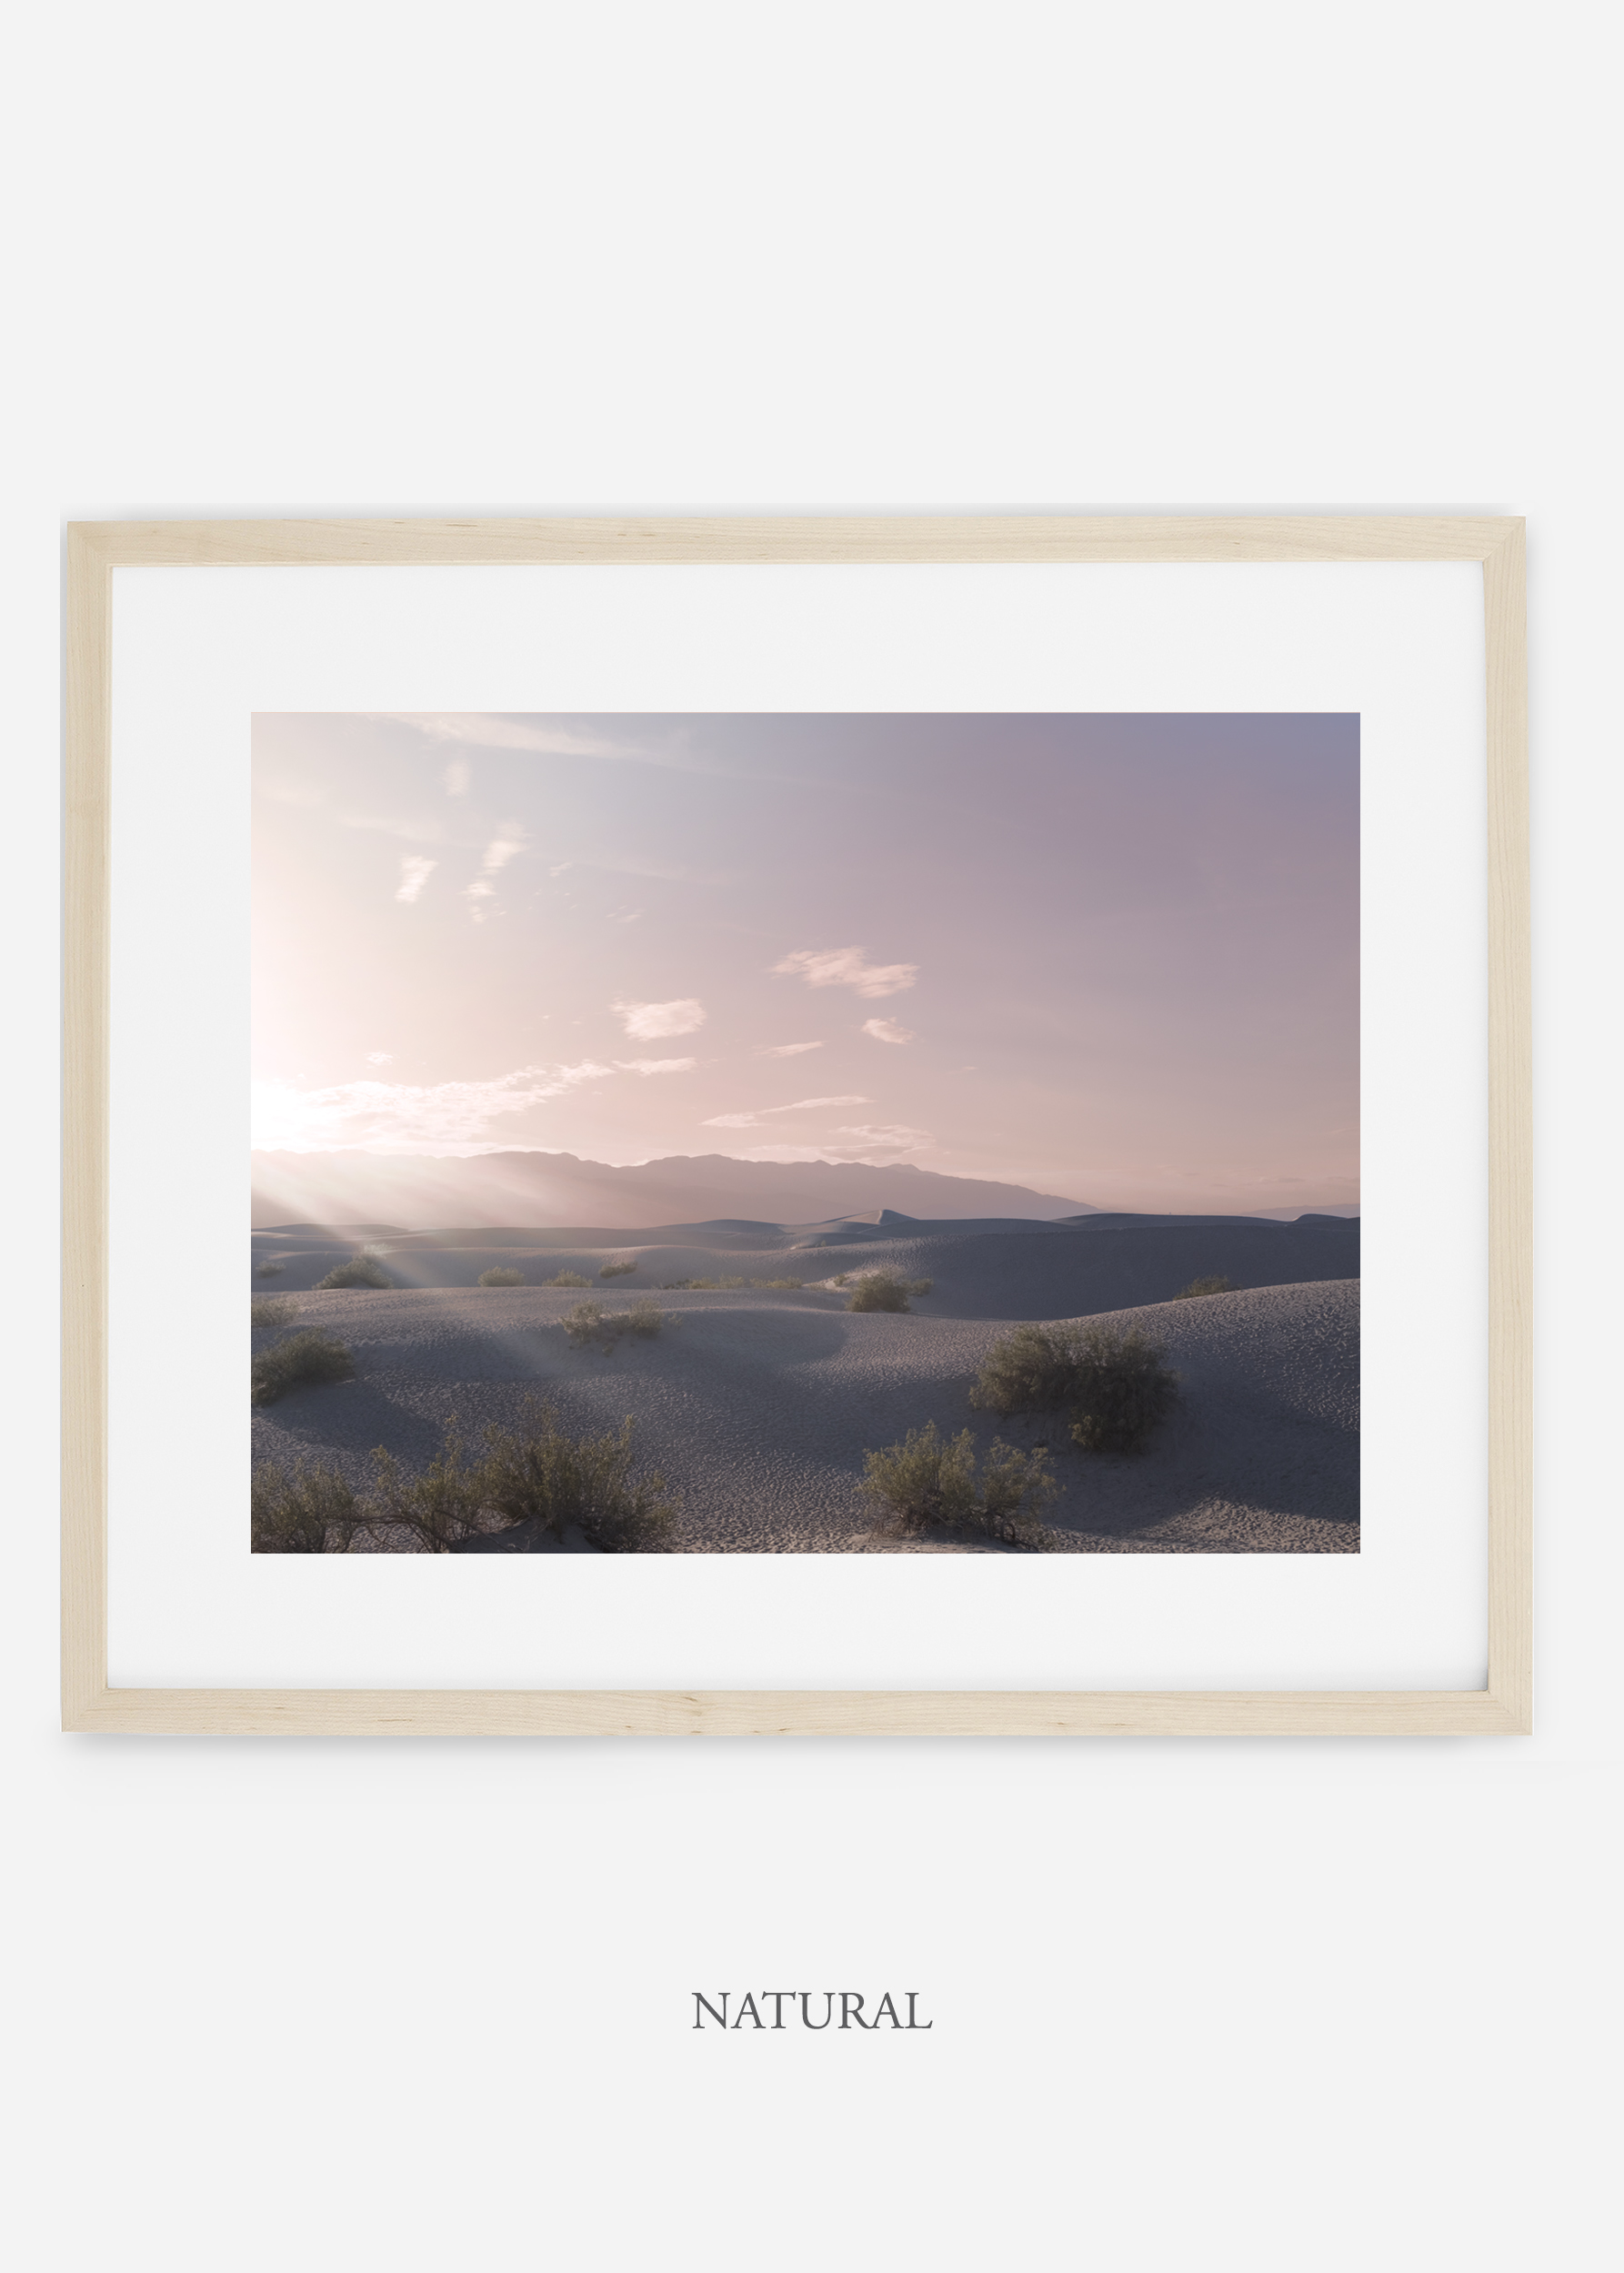 wildercalifornia_naturalframe_deathvalley_14_minimal_desert_art_interiordesign_blackandwhite.jpg